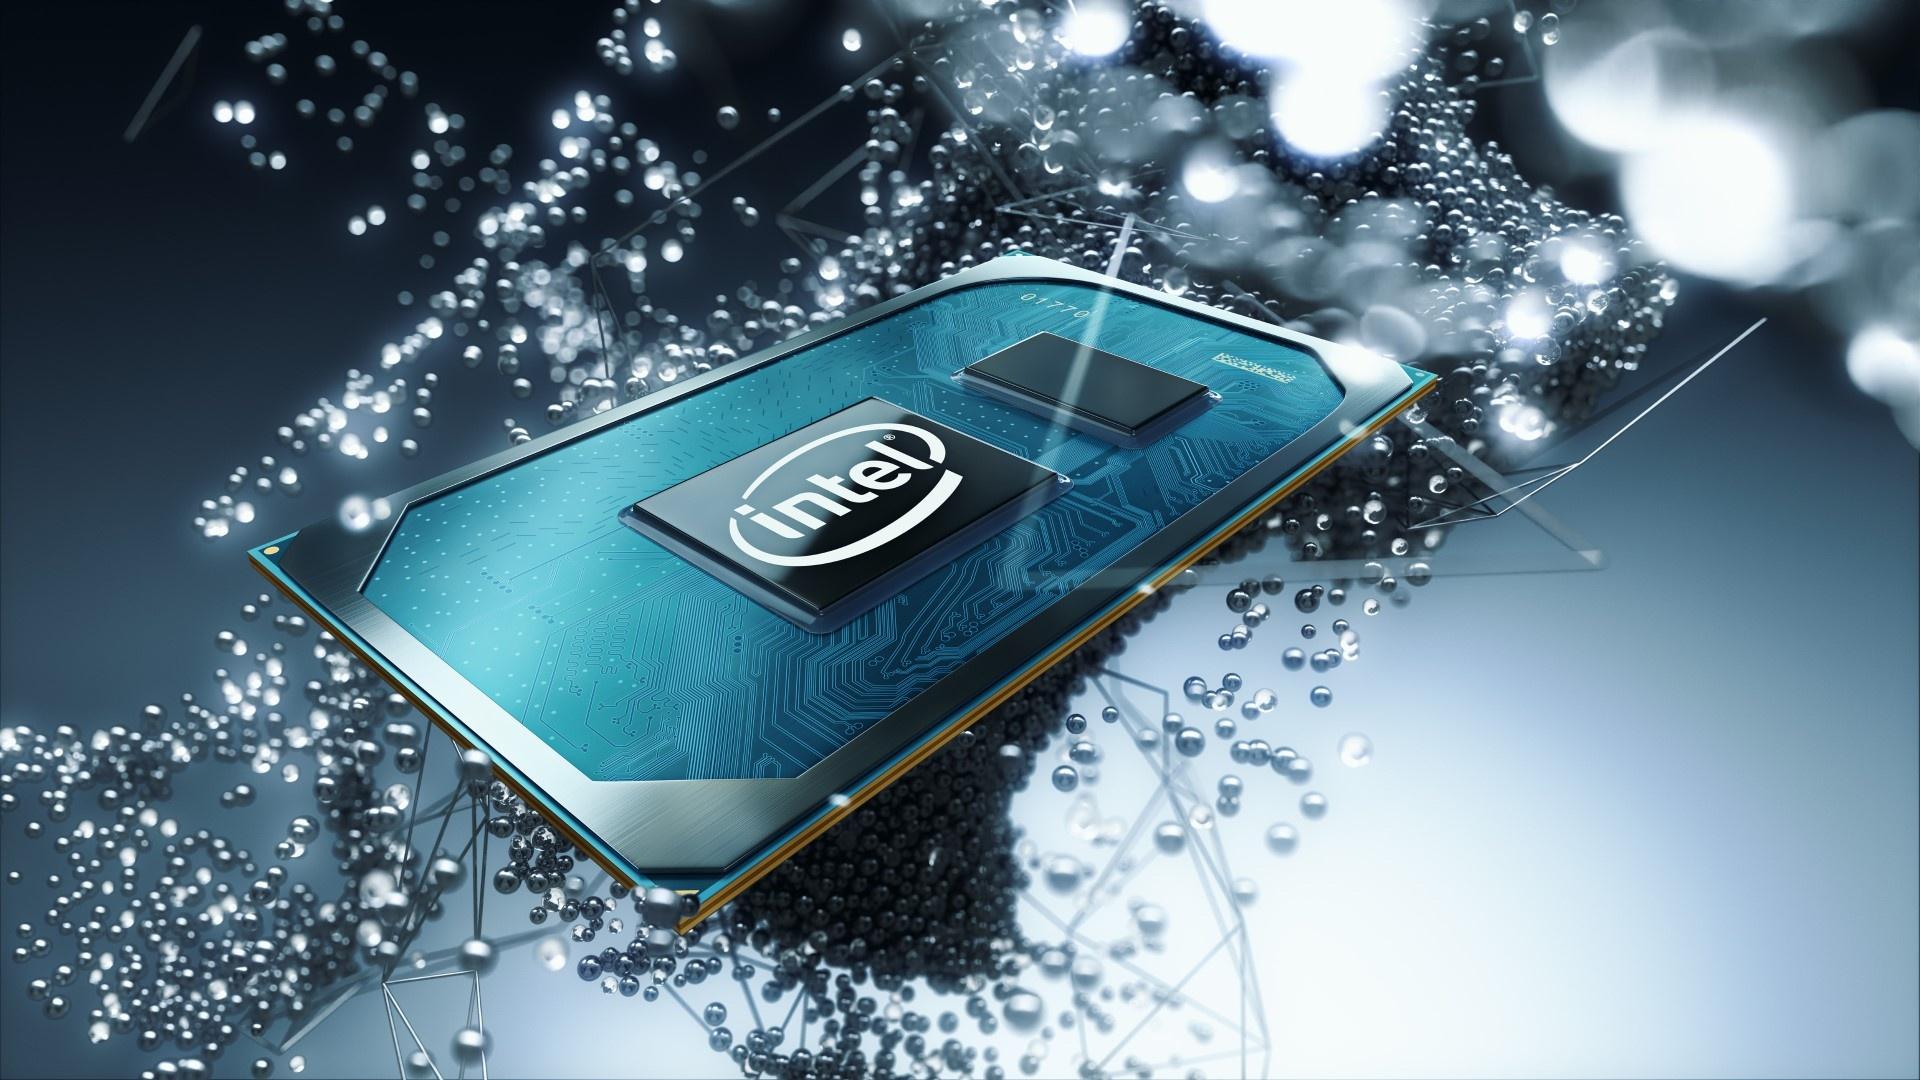 Новая интегрированная графика Intel возможно будет на уровне GTX 1050